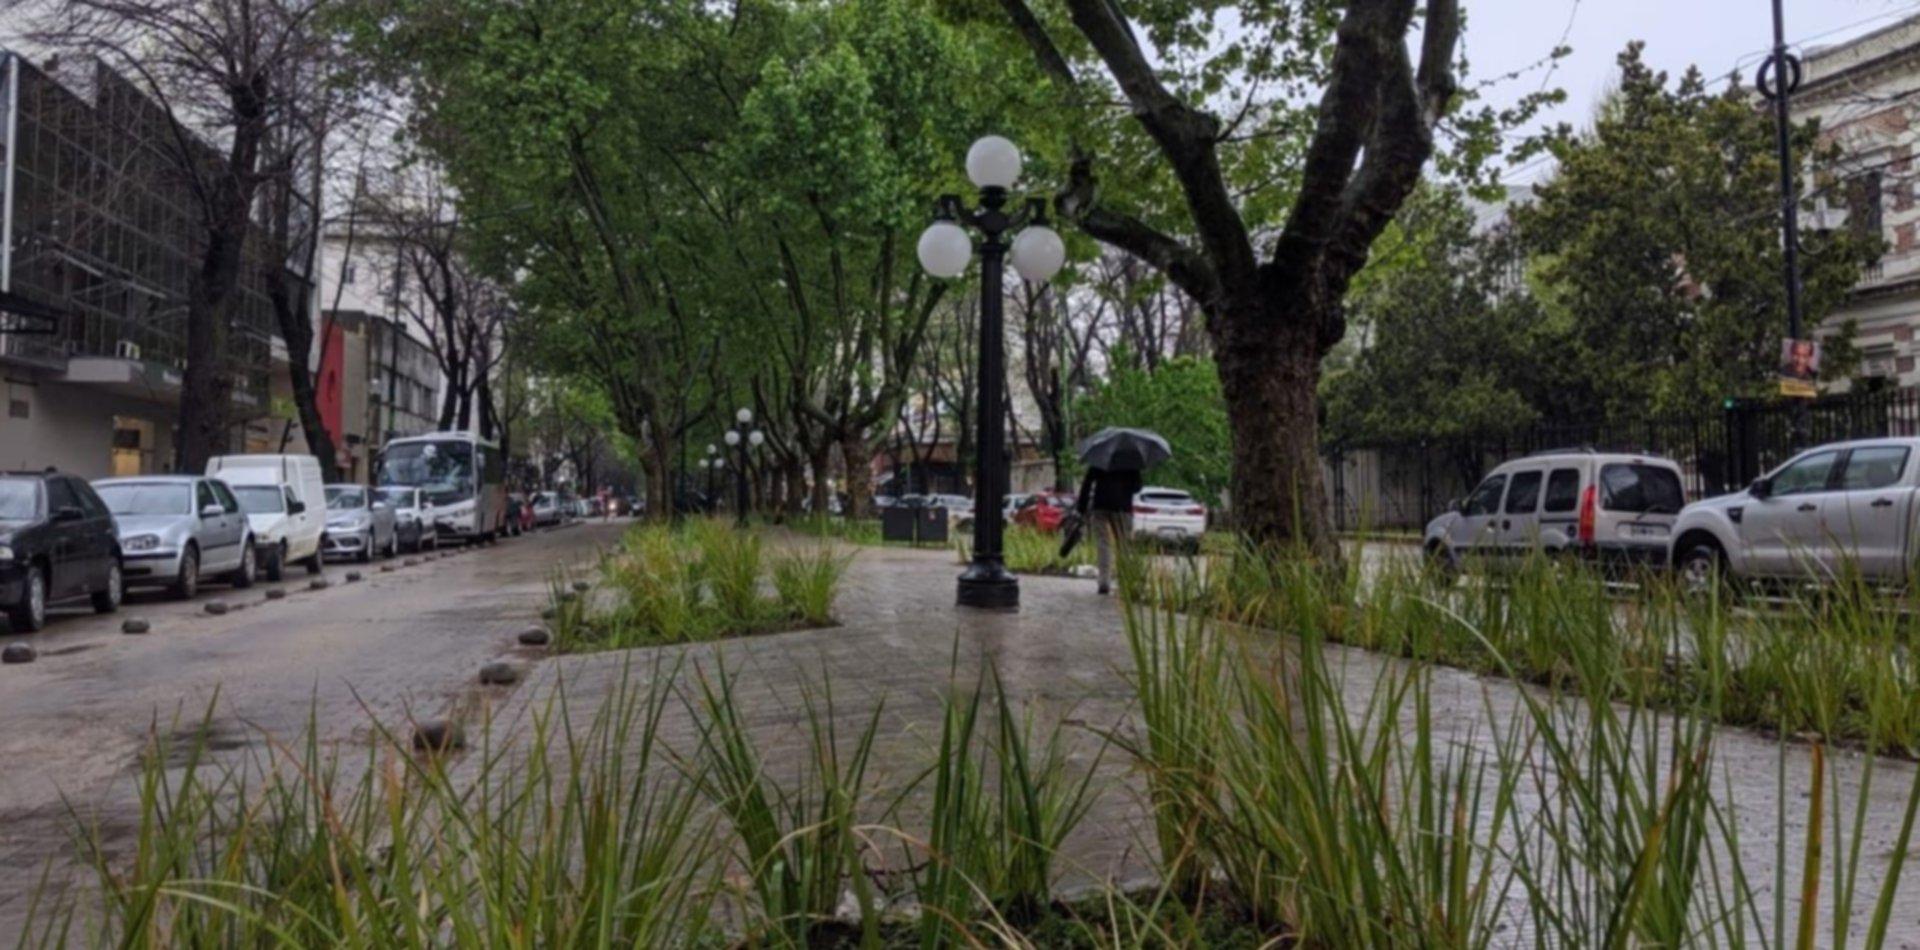 Terminaron las obras en 51 y así luce la flamante peatonal de La Plata Soho